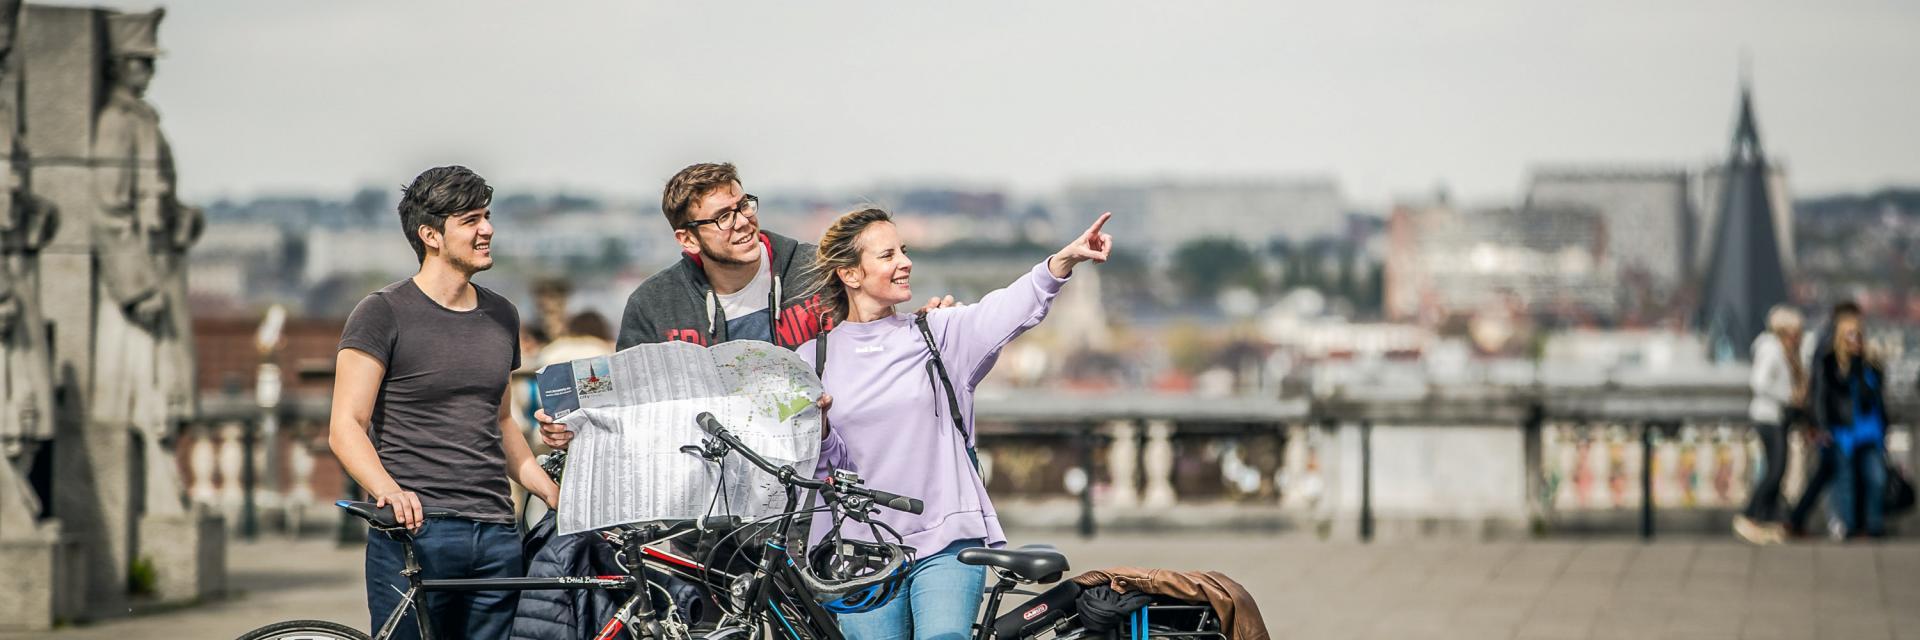 Place Poelaert - Poelaertpleinvélo - fiets - bike© visit.brussels - Eric Danhier - 2017